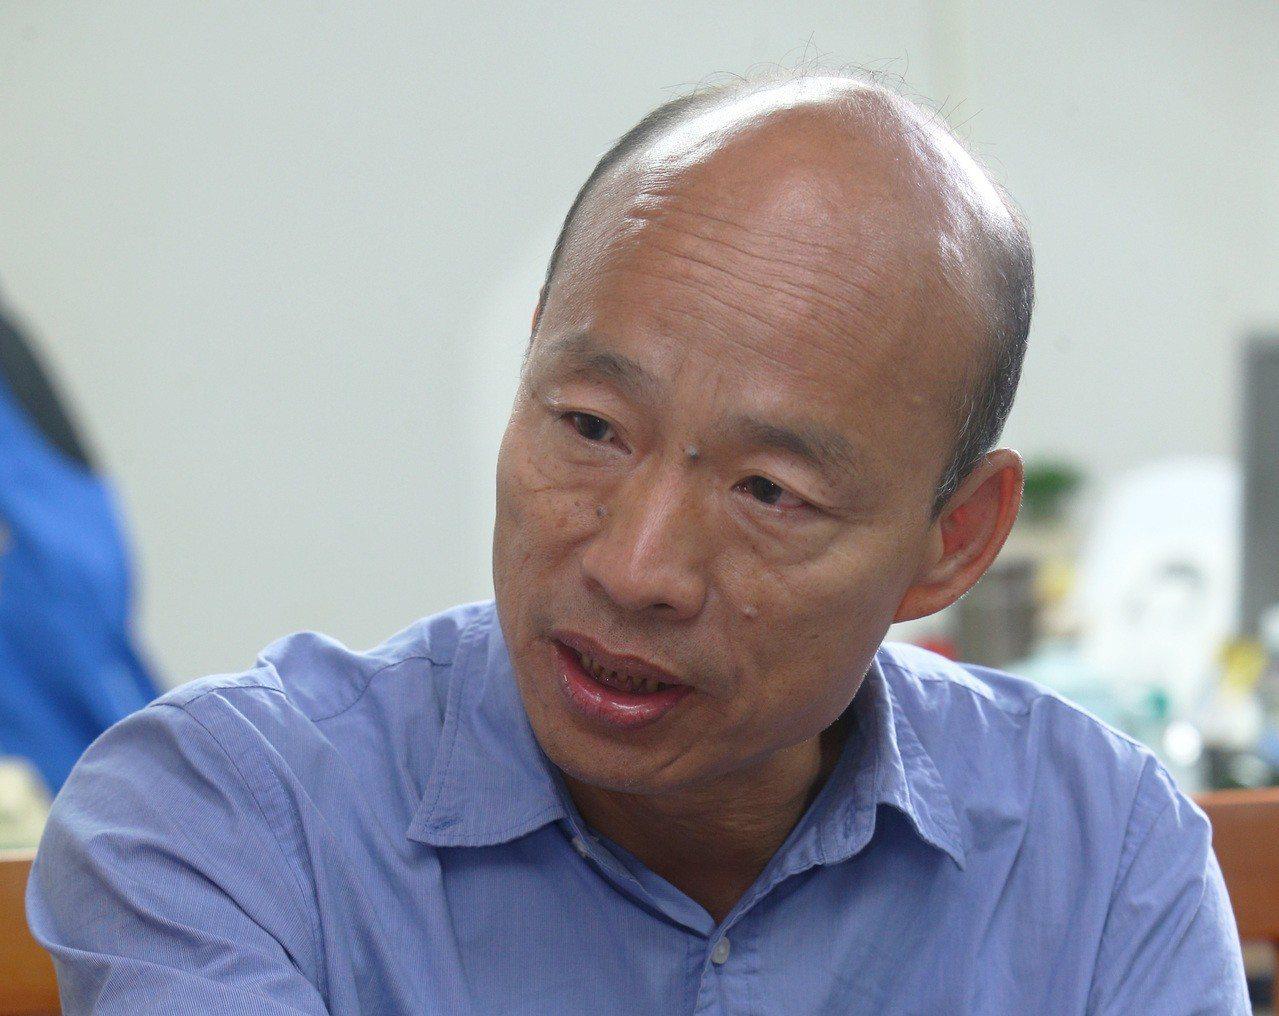 韓國瑜掃街時,更不會強調自己是國民黨。記者劉學聖/攝影